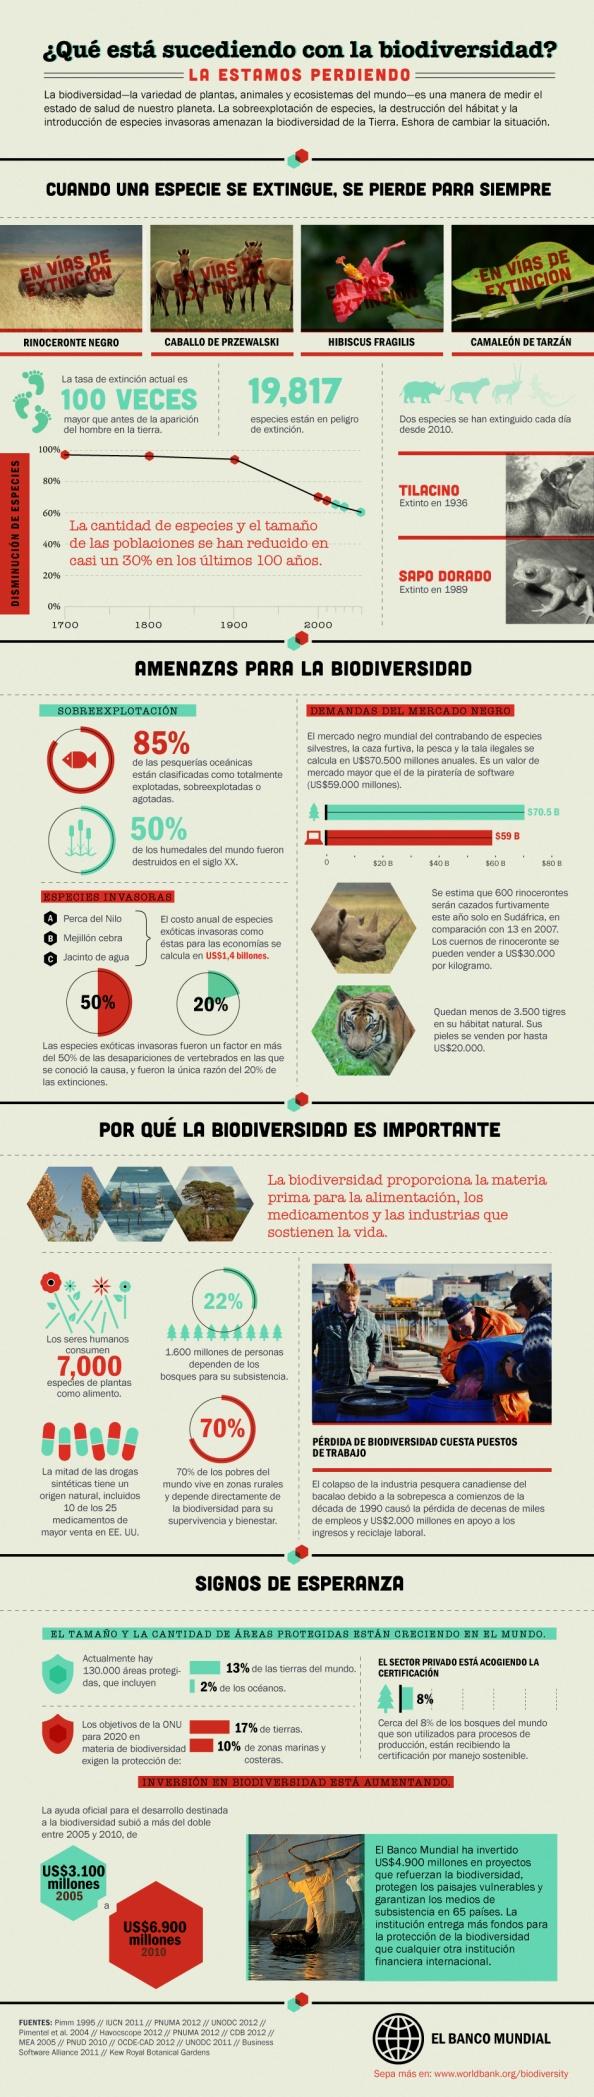 ¿Qué está sucediendo con la biodiversidad? Infographic